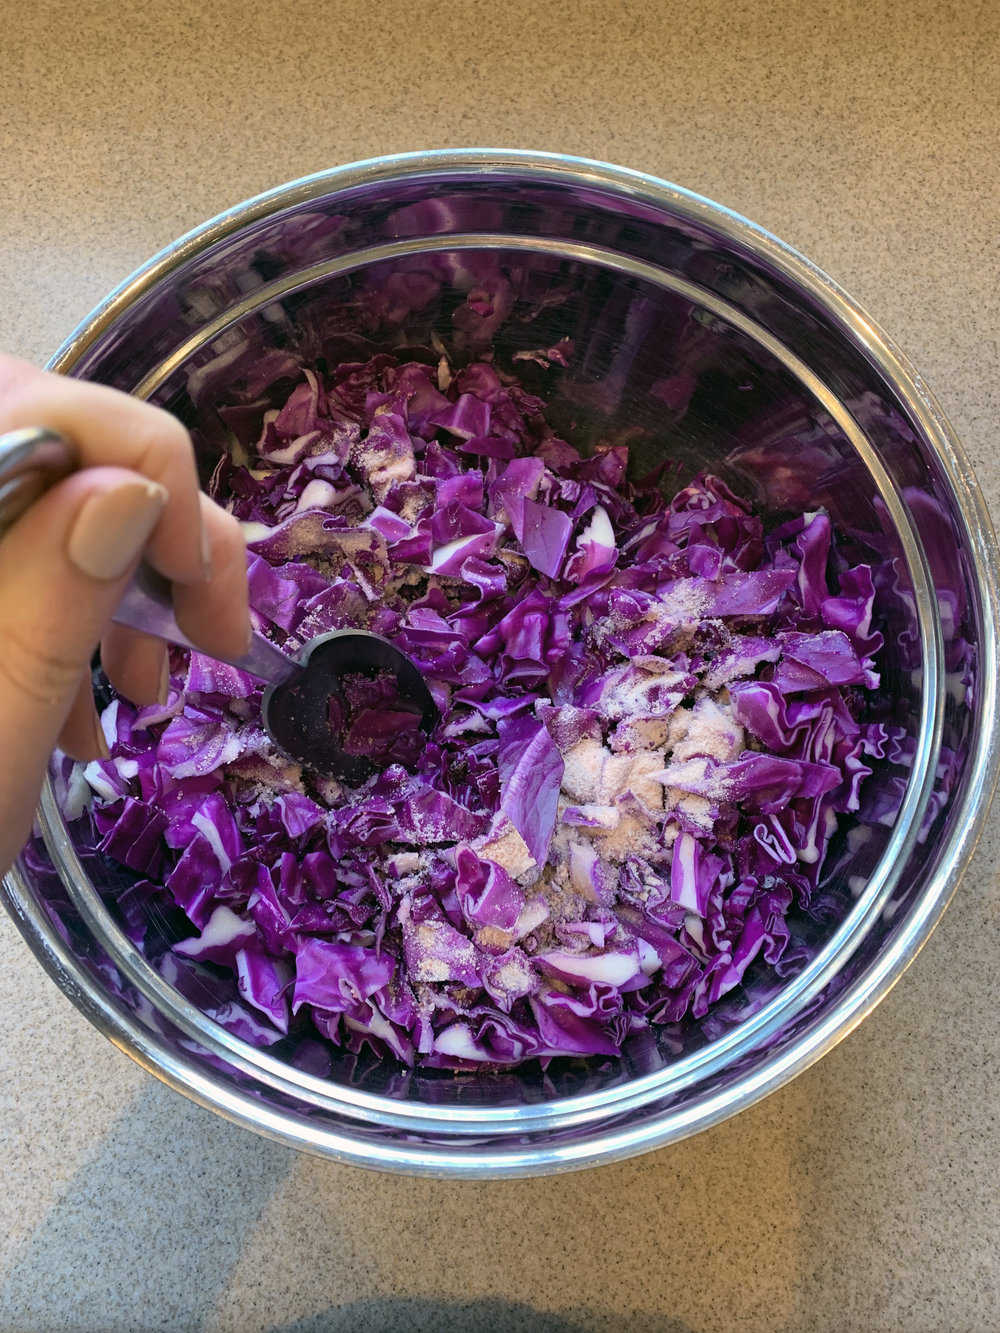 How To Make Homemade, Fermented Sauerkraut | The Gut Healing Ninja